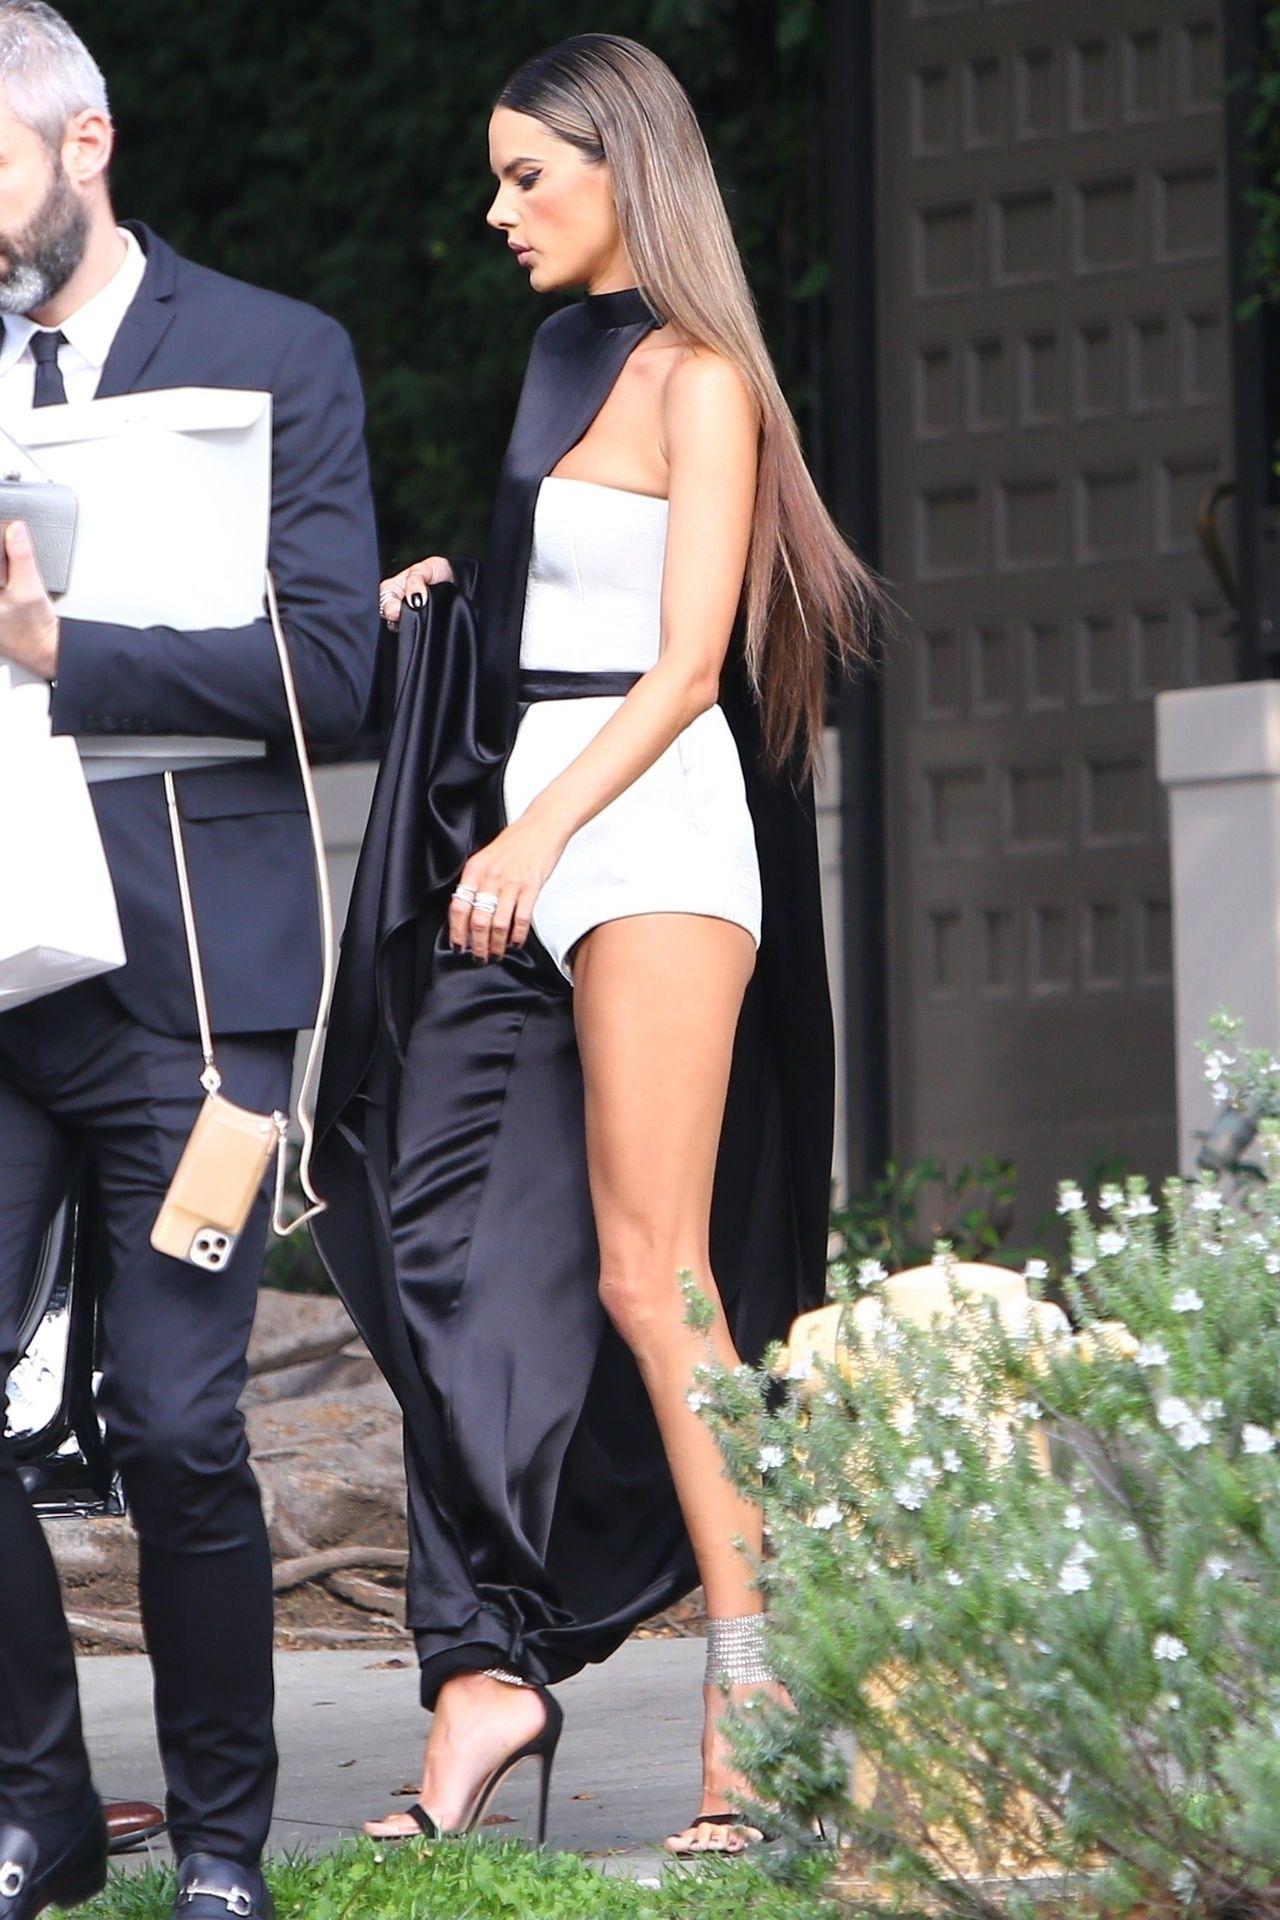 Alessandra Ambrosio Looks Stunning Ahead Of The Grammys 0016